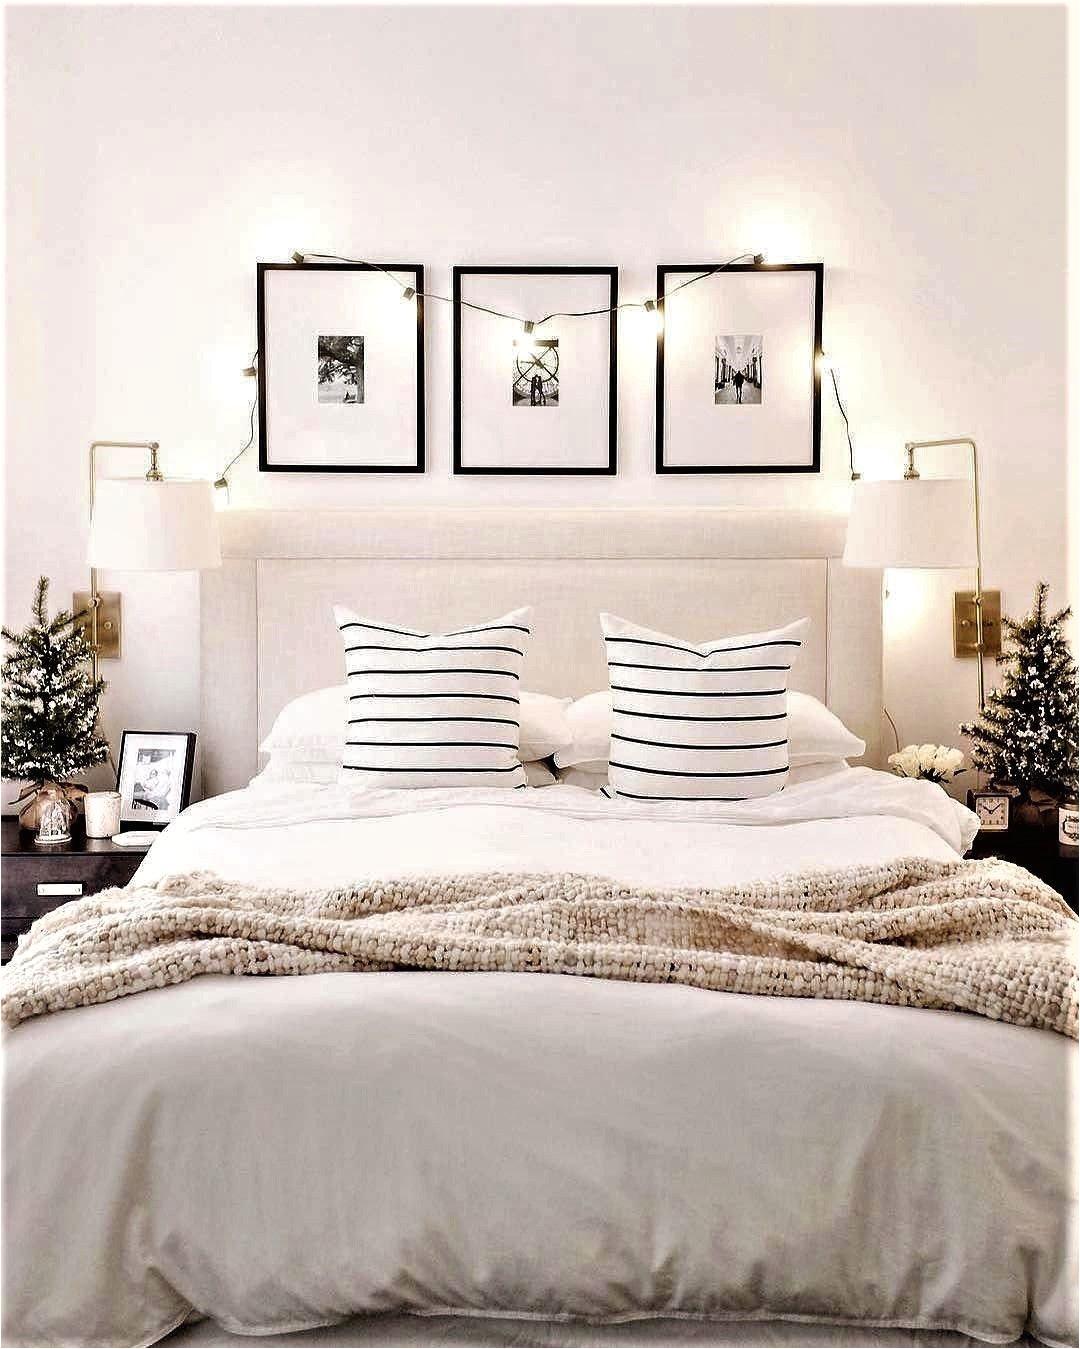 20 Minimalist Living Room Ideas of Your Space Guest Bedroom DecorBedroom ColorsBedroom